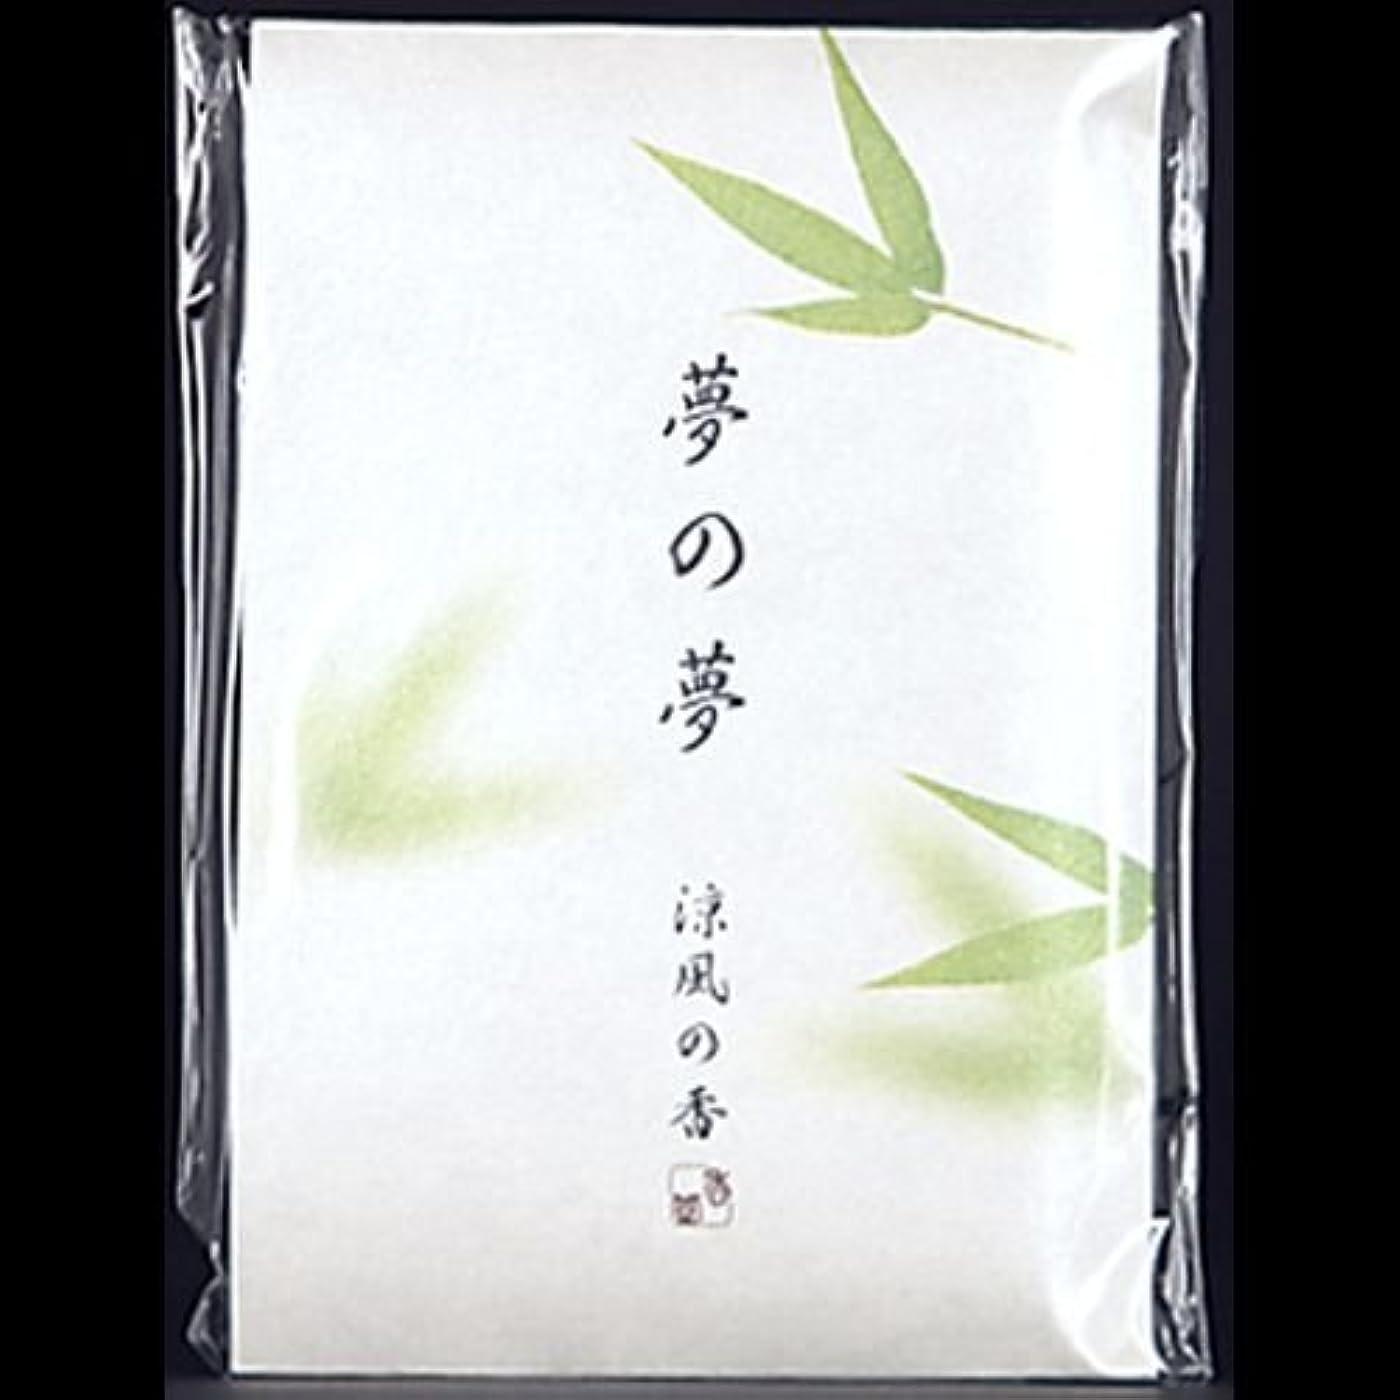 色合いスキムどきどき【まとめ買い】夢の夢 涼風の香 (笹) スティック12本入 ×2セット